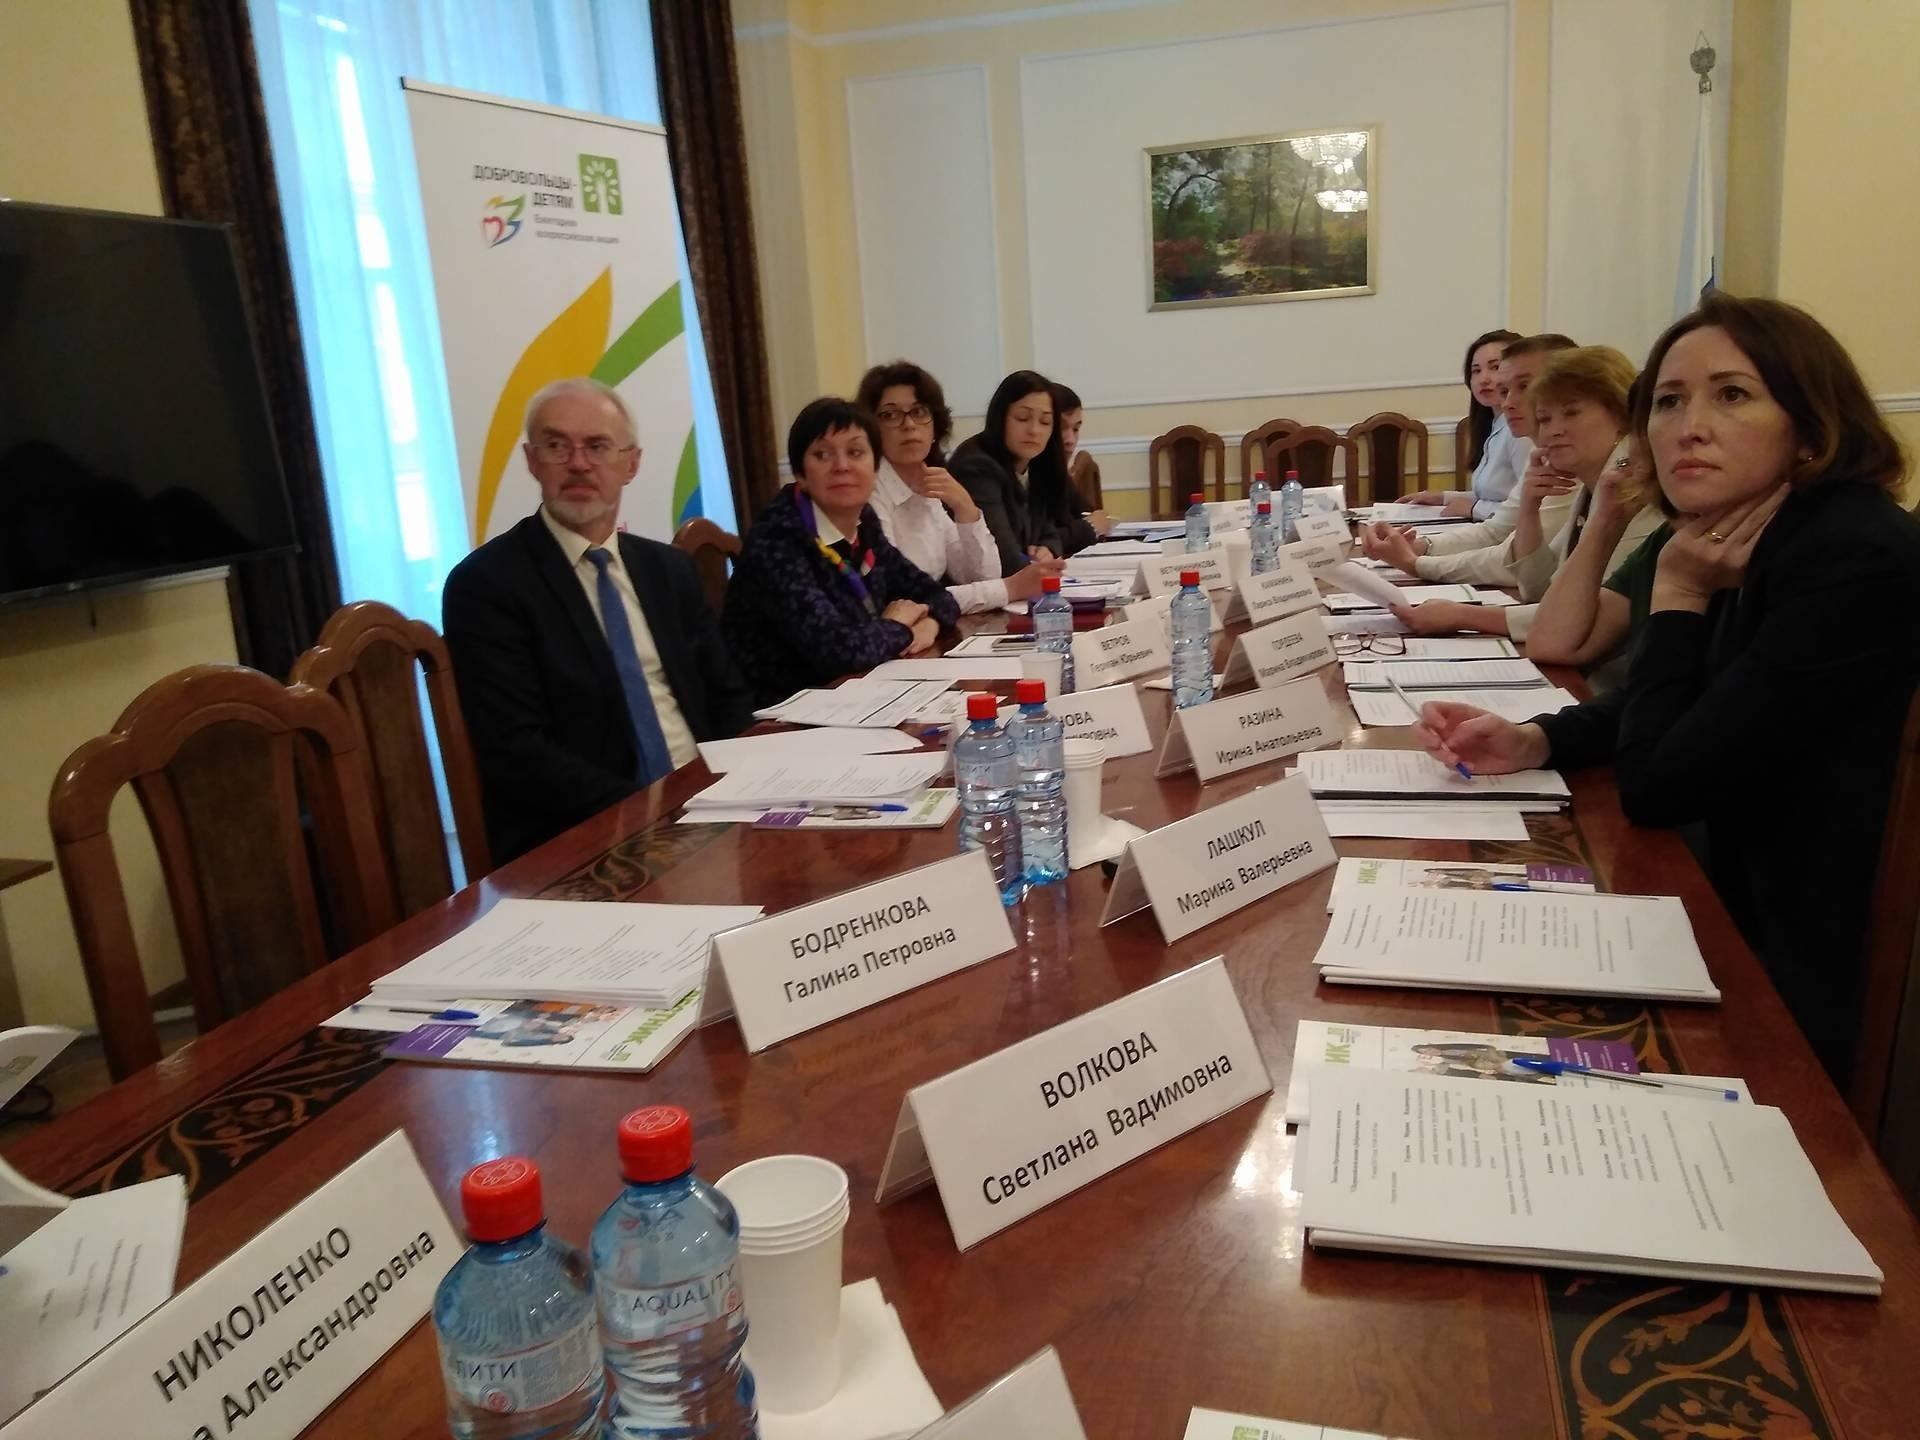 Брянская область присоединилась к всероссийской акции «Добровольцы детям»